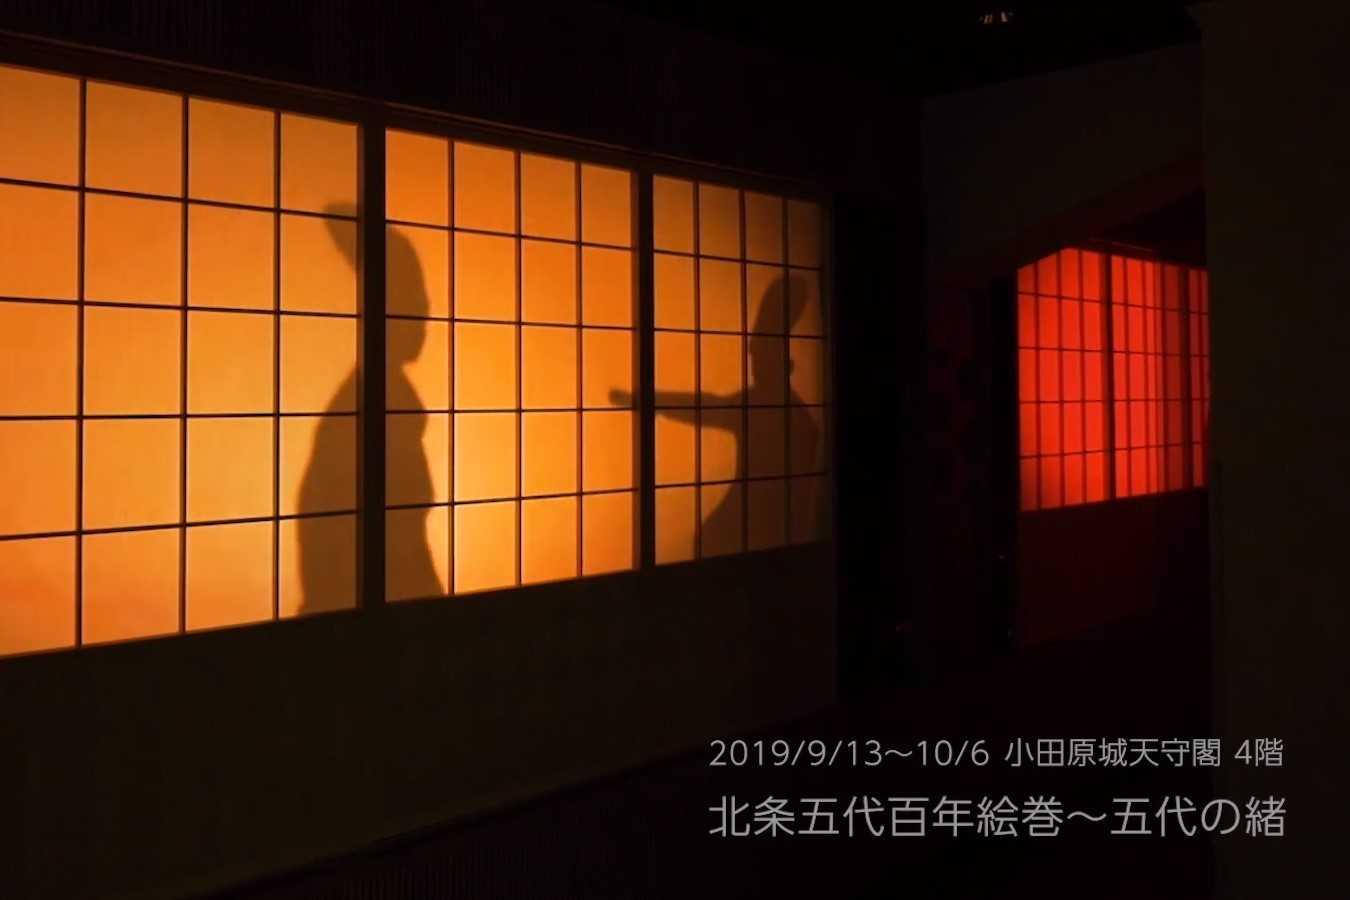 プロジェクションマッピング「北条五代百年絵巻~五代の緒」